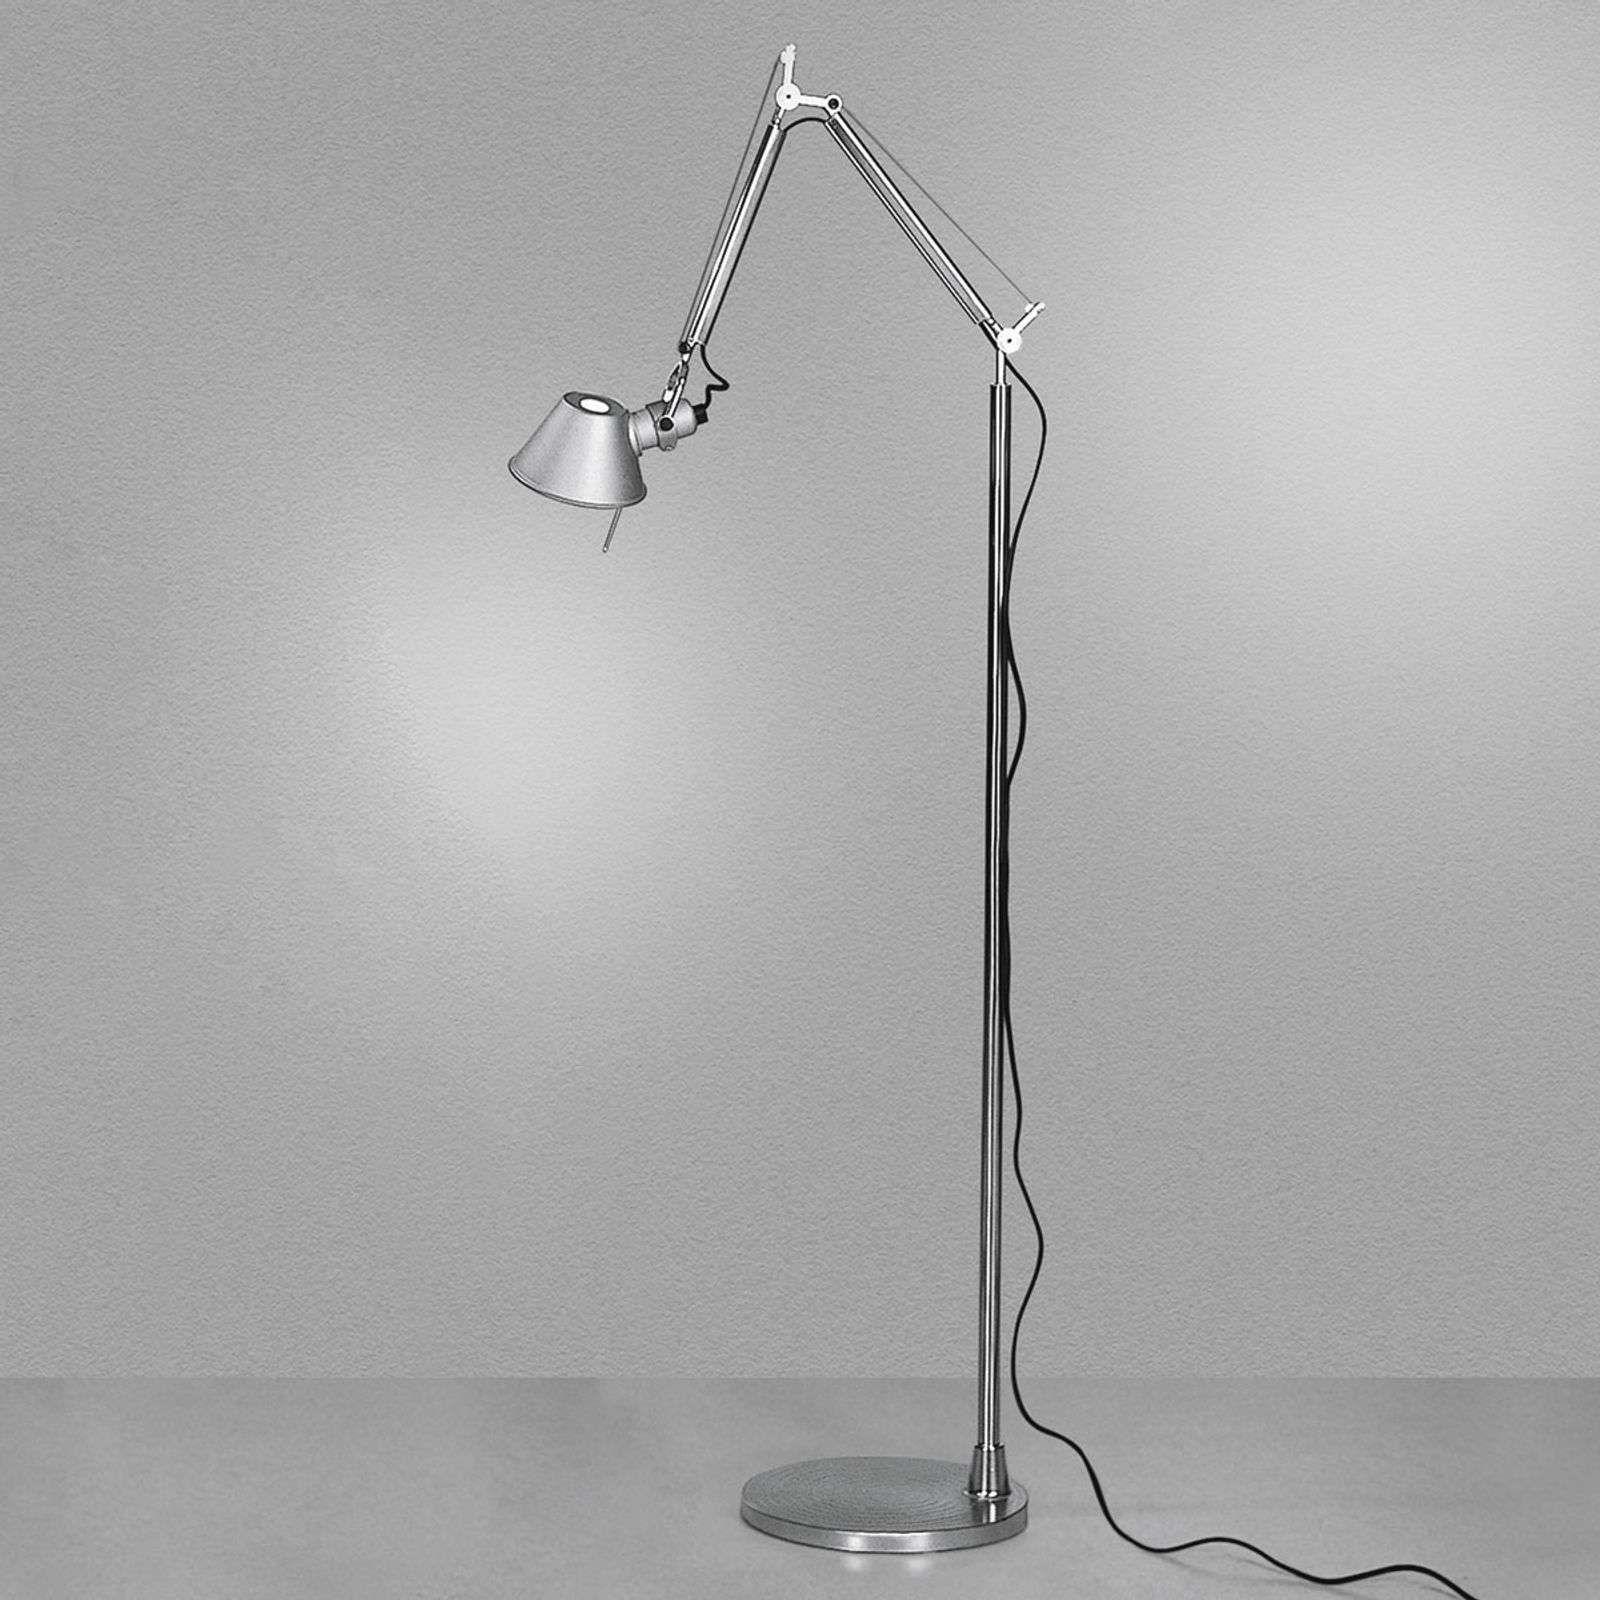 Led Strahler 100 Watt Ip65 Led Stehleuchte Dimmbar Design